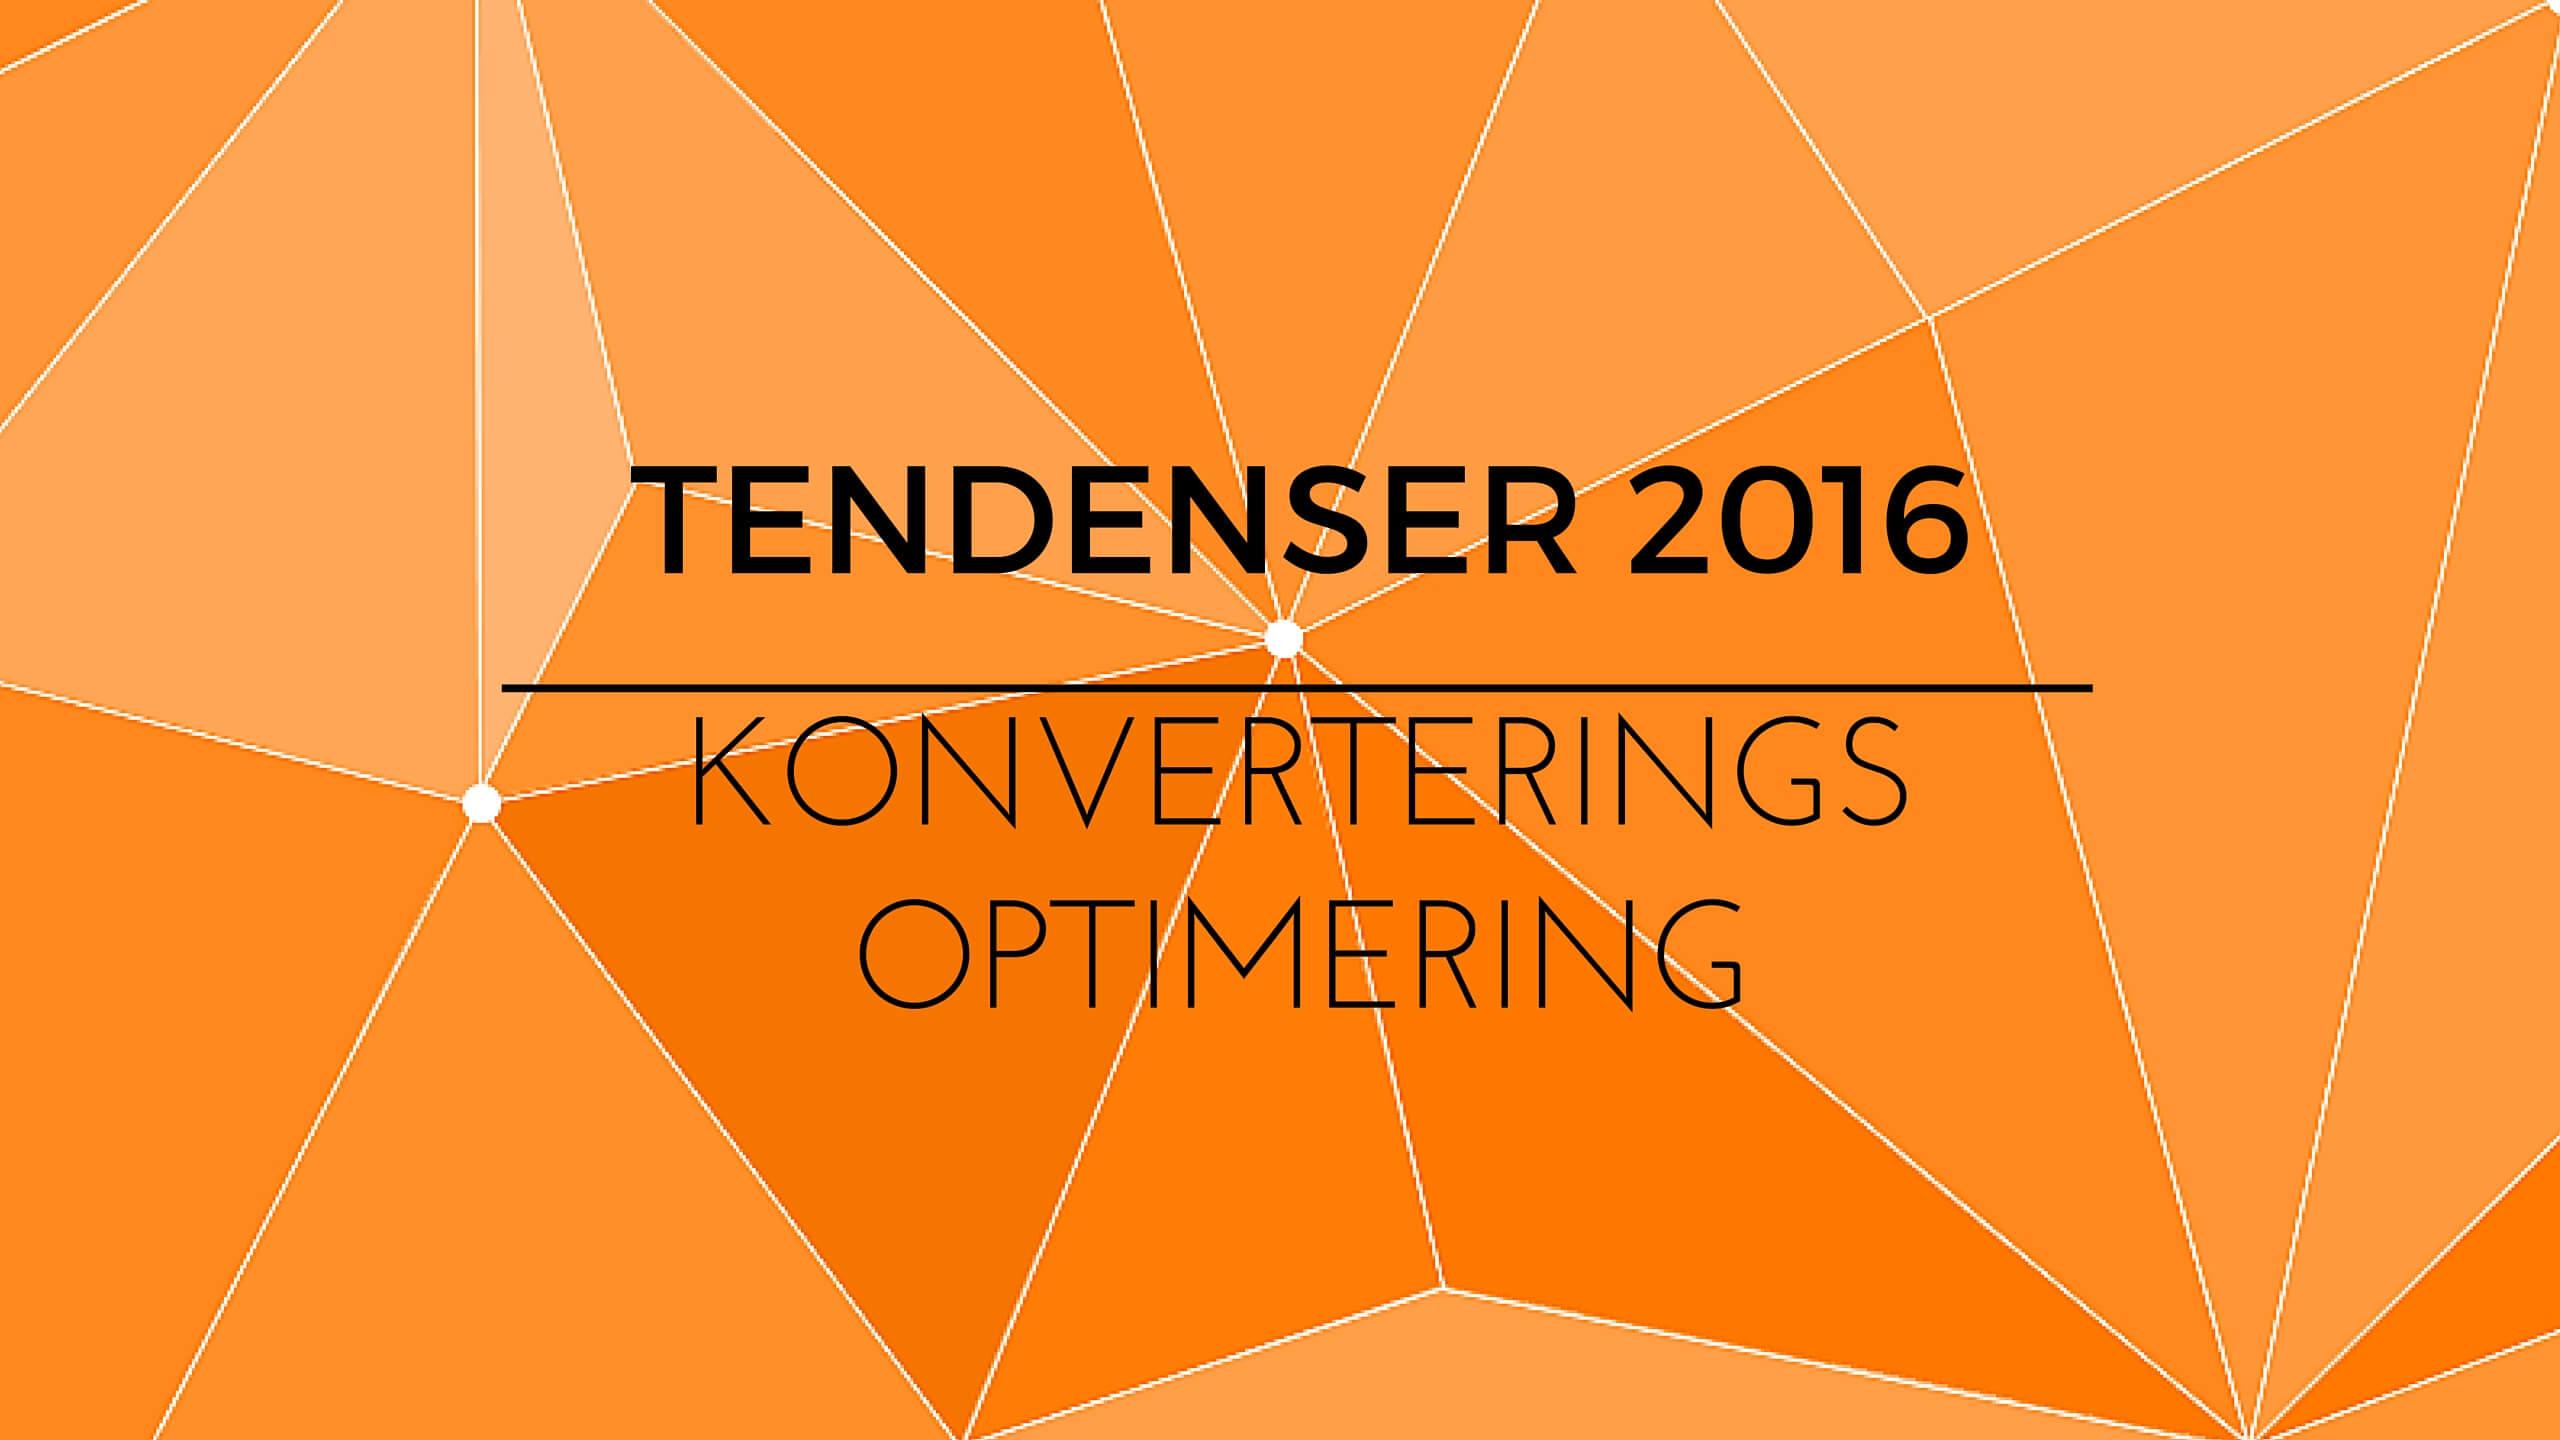 Det siger konverterings-specialisterne om 2016